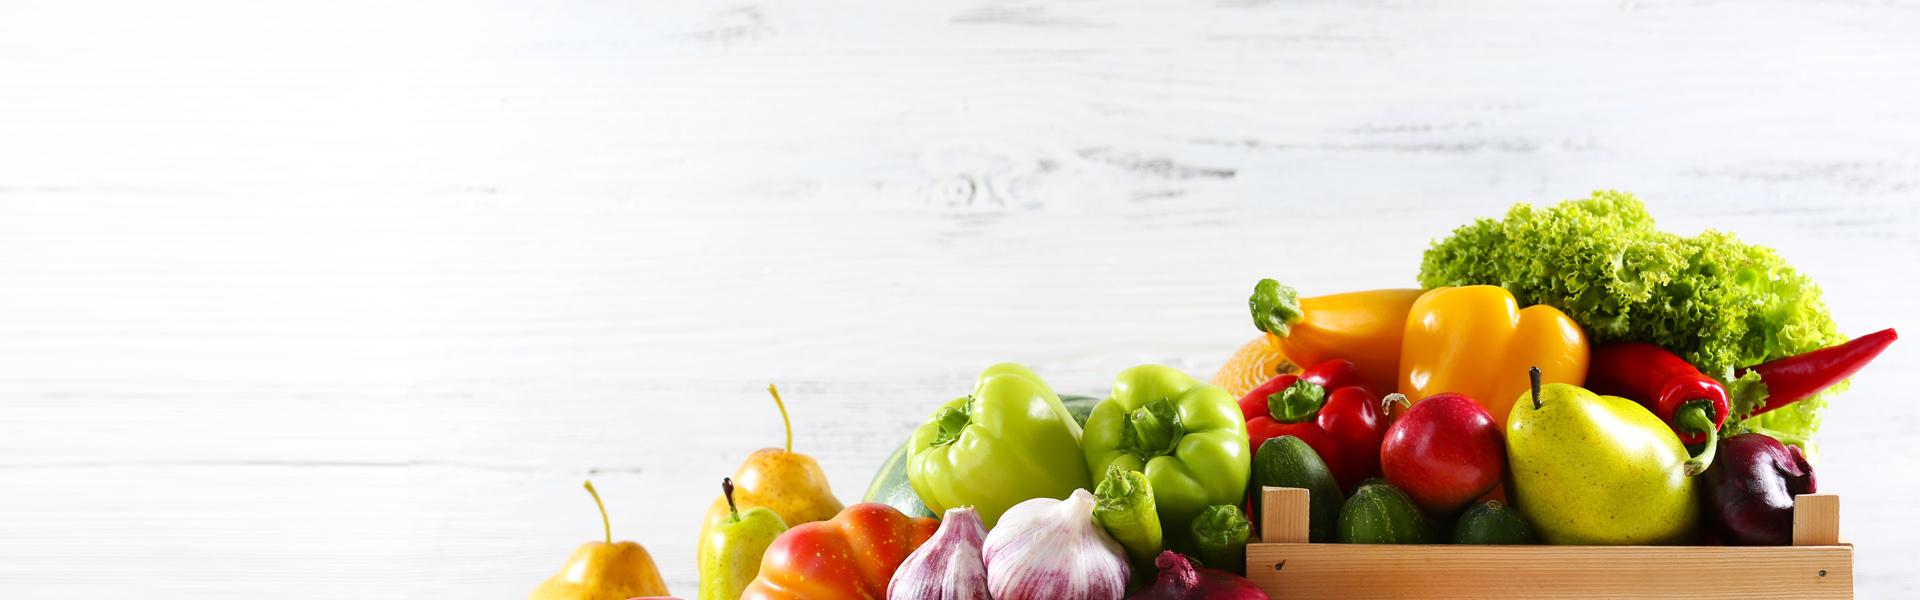 Frutas y Verduras de Calidad